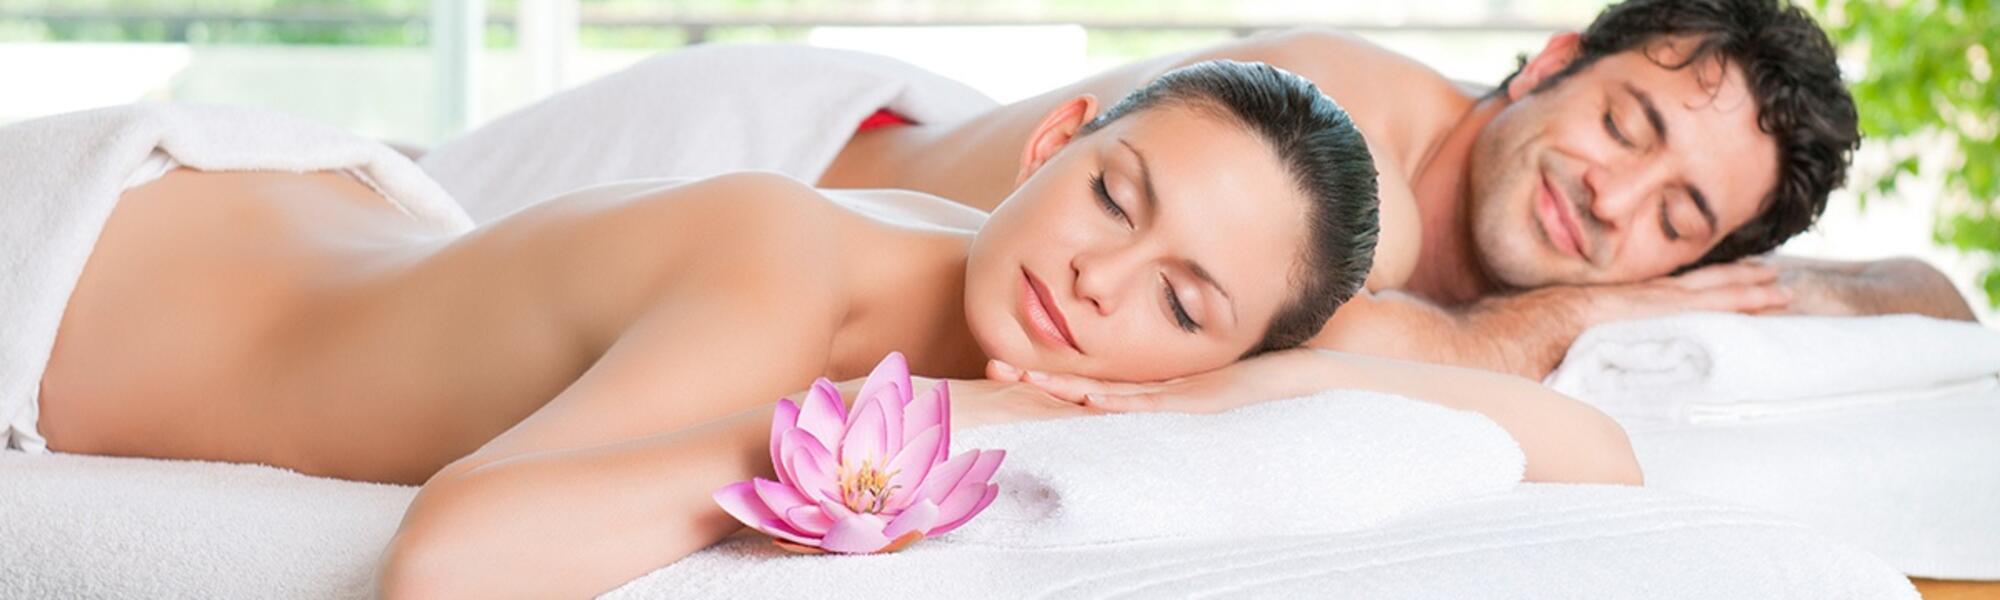 Stai cercando un pacchetto Accesso alla SPA + massaggio?